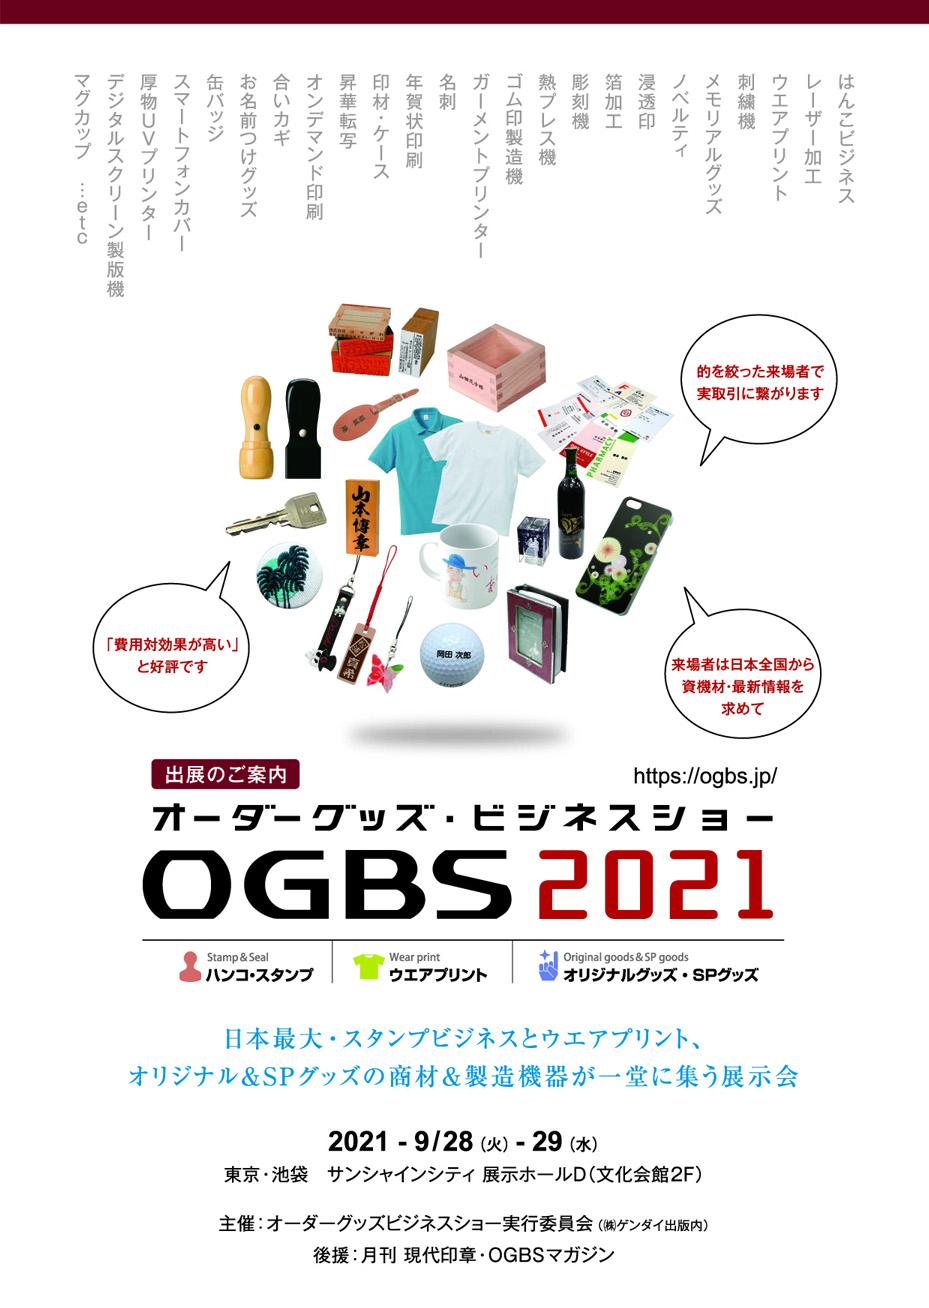 オーダーグッズ・ビジネスショー2021 出展